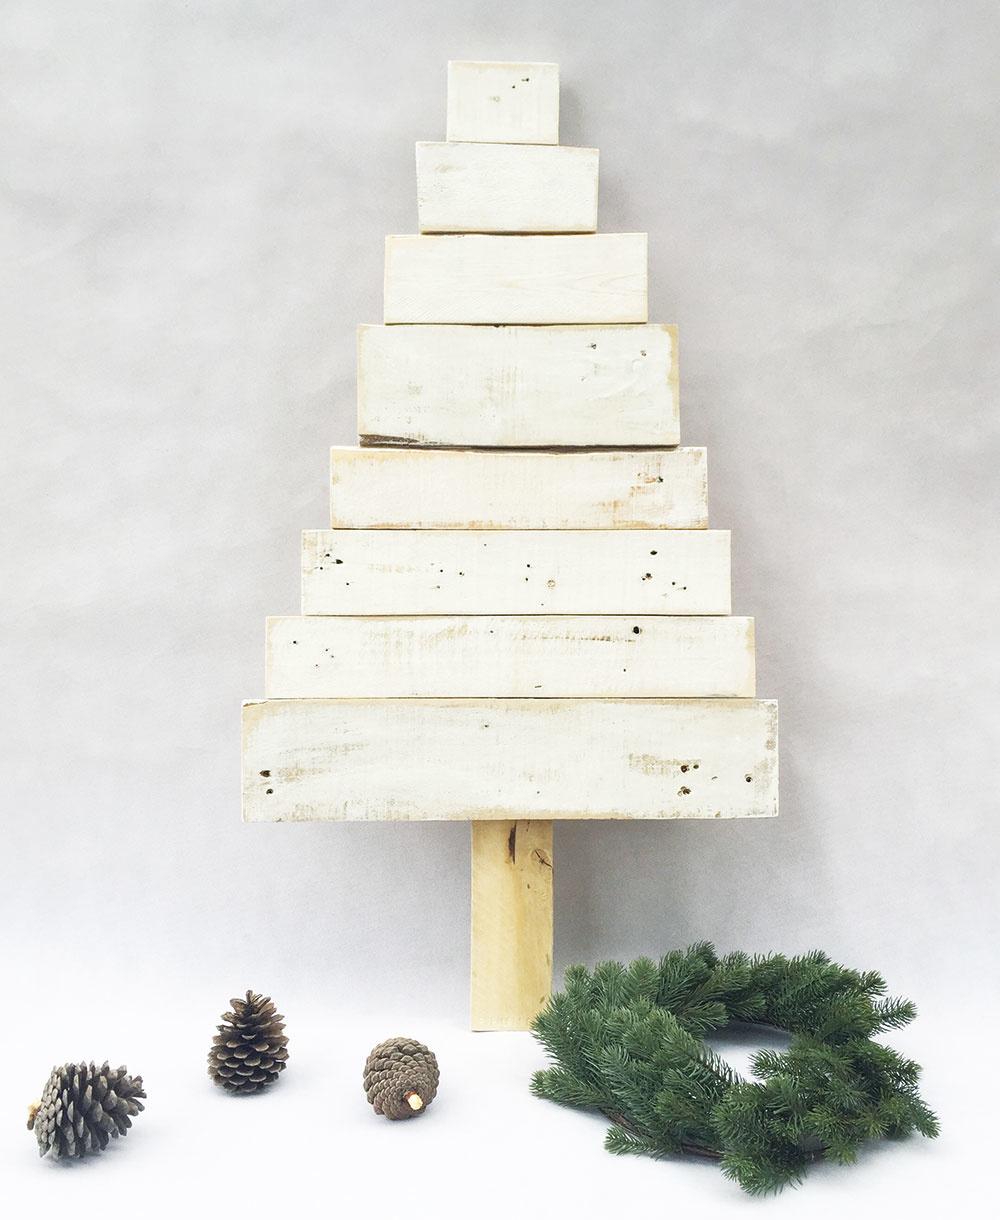 Stromček ideálny do mestského typu interiéru je vyrobený recykláciou zpaletových dosiek, ktoré možno ponechať bez ozdôb alebo ozdobiť šiškami, guľami isvetielkami. Vponuke na www.sashe.sk/PSConcrete aj na zákazku podľa priania.